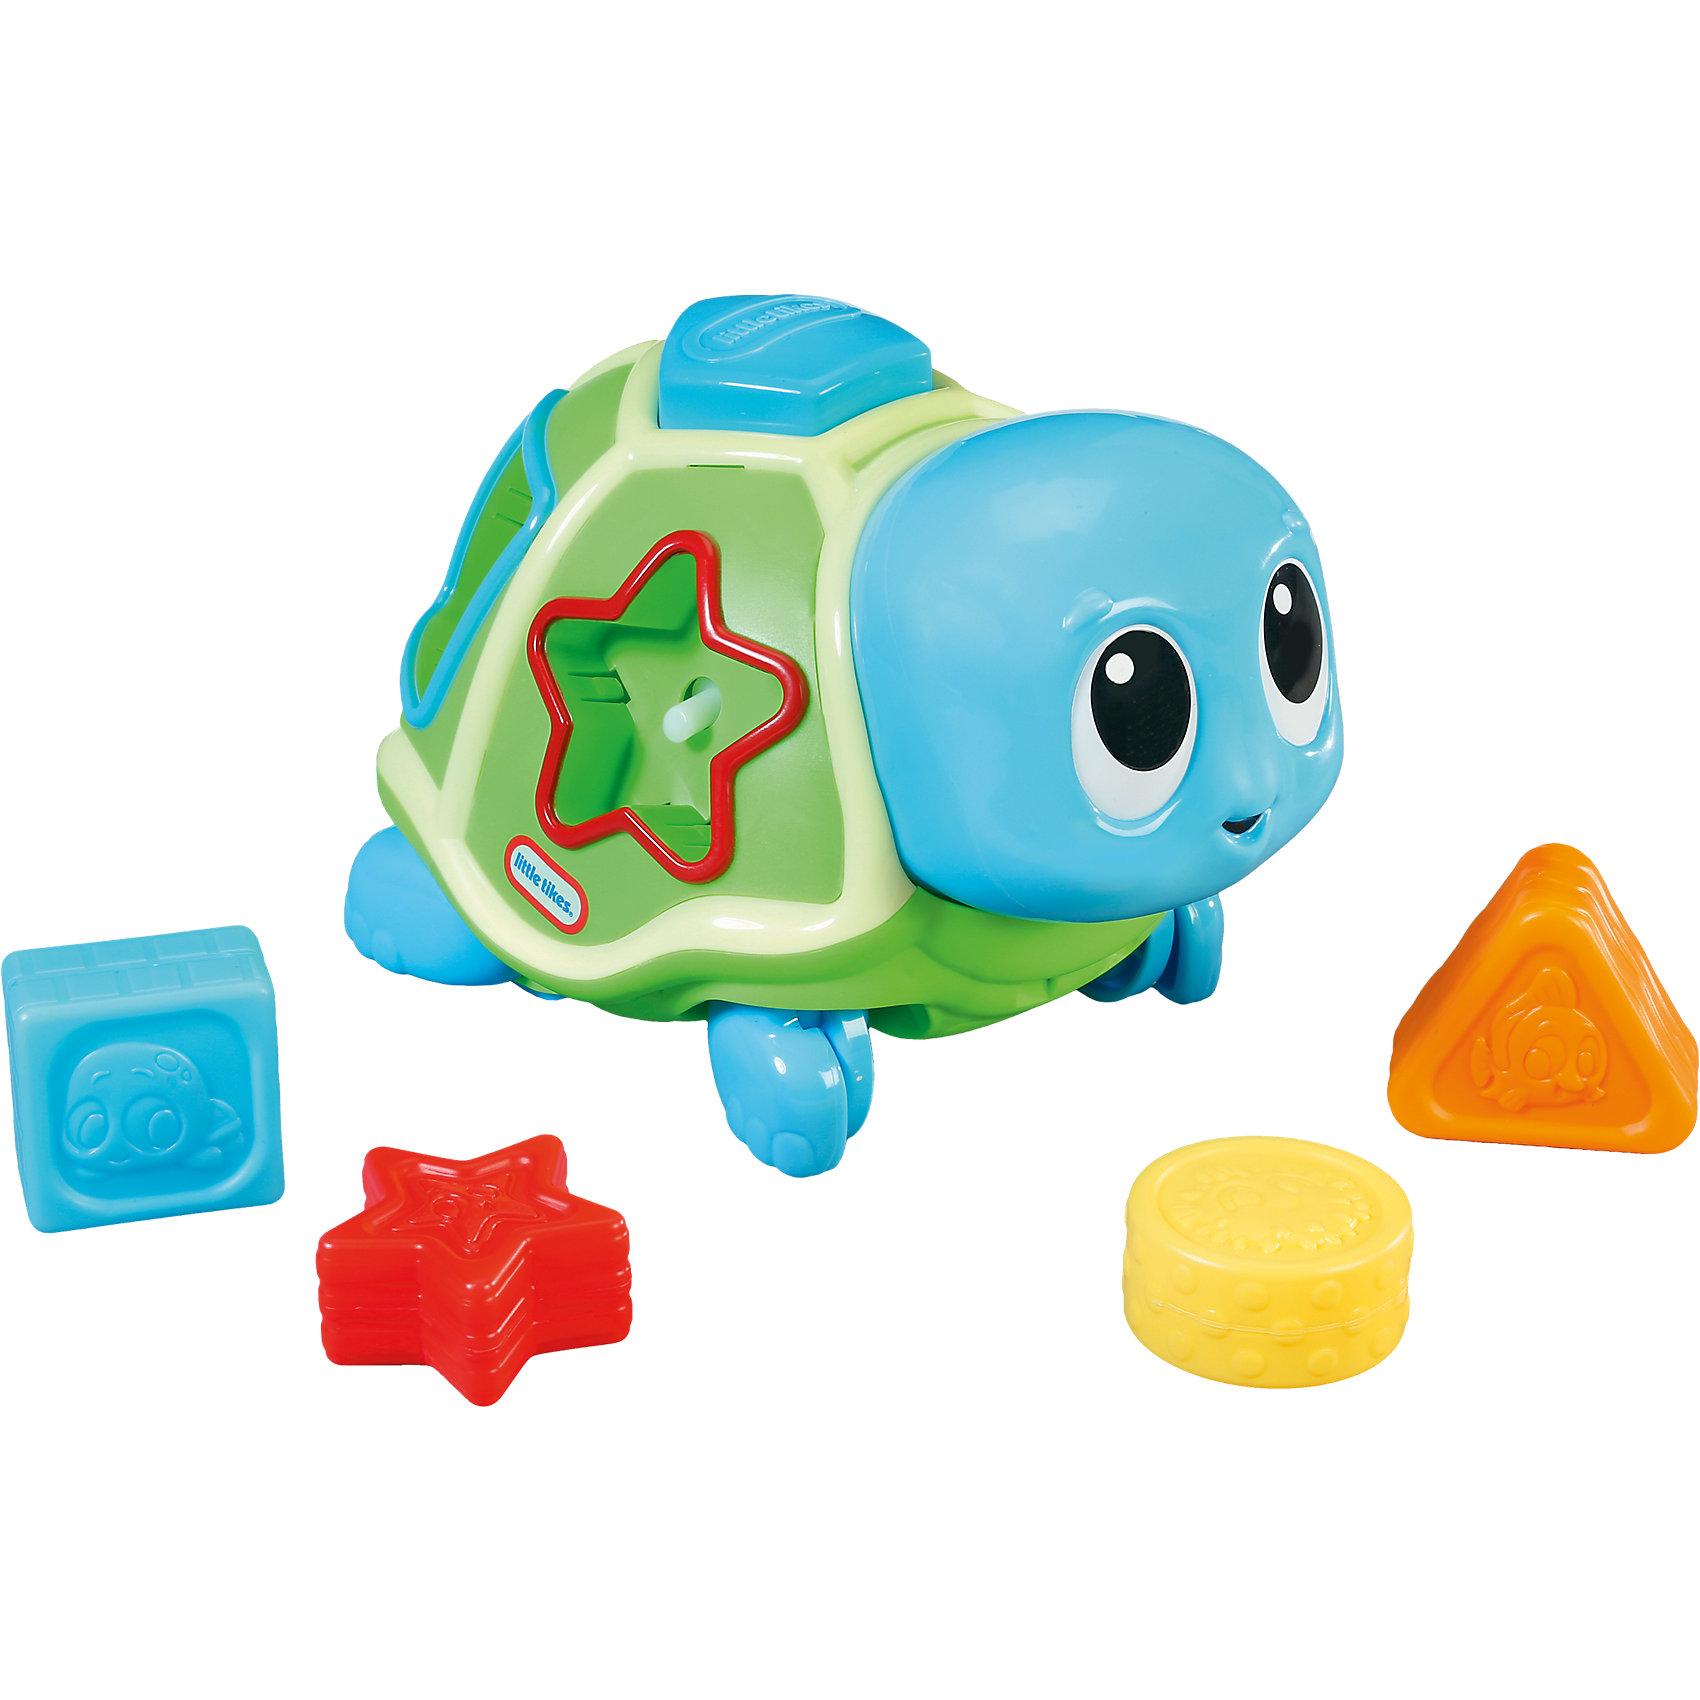 Развивающая игрушка Ползающая черепаха-сортер, со звуком, Little TikesЯркая Развивающая игрушка Ползающая черепаха-сортер, со звуком, Little Tikes (Литтл Тайкс) ползет зигзагом, проигрывая музыку. Затем останавливается и выбрасывает геометрические фигурки из отверстий (круг, квадрат, звездочка и треугольник) в панцире, а ребенок должен их собрать и установить на свое место. Чтобы начать игру заново, установите все фигуры в панцирь черепашки и снова нажмите на ее голову. <br><br>Дополнительная информация:<br>-Развивает: навыки сидения, ползания, координацию, мелкую моторику, причинно-следственные связи<br>-Материалы: пластик<br>-Размеры в упаковке: 28х26х20 см<br>-Вес в упаковке: 1,26 кг<br>-Питание: от 3 батареек ААА (в комплект НЕ входят) <br><br>Малыши смогут не только весело проводить время, играя с черепашкой, но и изучать геометрические фигуры и тренировать свои ручки и пальчики!<br><br>Развивающая игрушка Ползающая черепаха-сортер, со звуком, Little Tikes (Литтл Тайкс) можно купить в нашем магазине.<br><br>Ширина мм: 282<br>Глубина мм: 258<br>Высота мм: 209<br>Вес г: 930<br>Возраст от месяцев: 6<br>Возраст до месяцев: 36<br>Пол: Унисекс<br>Возраст: Детский<br>SKU: 4143731